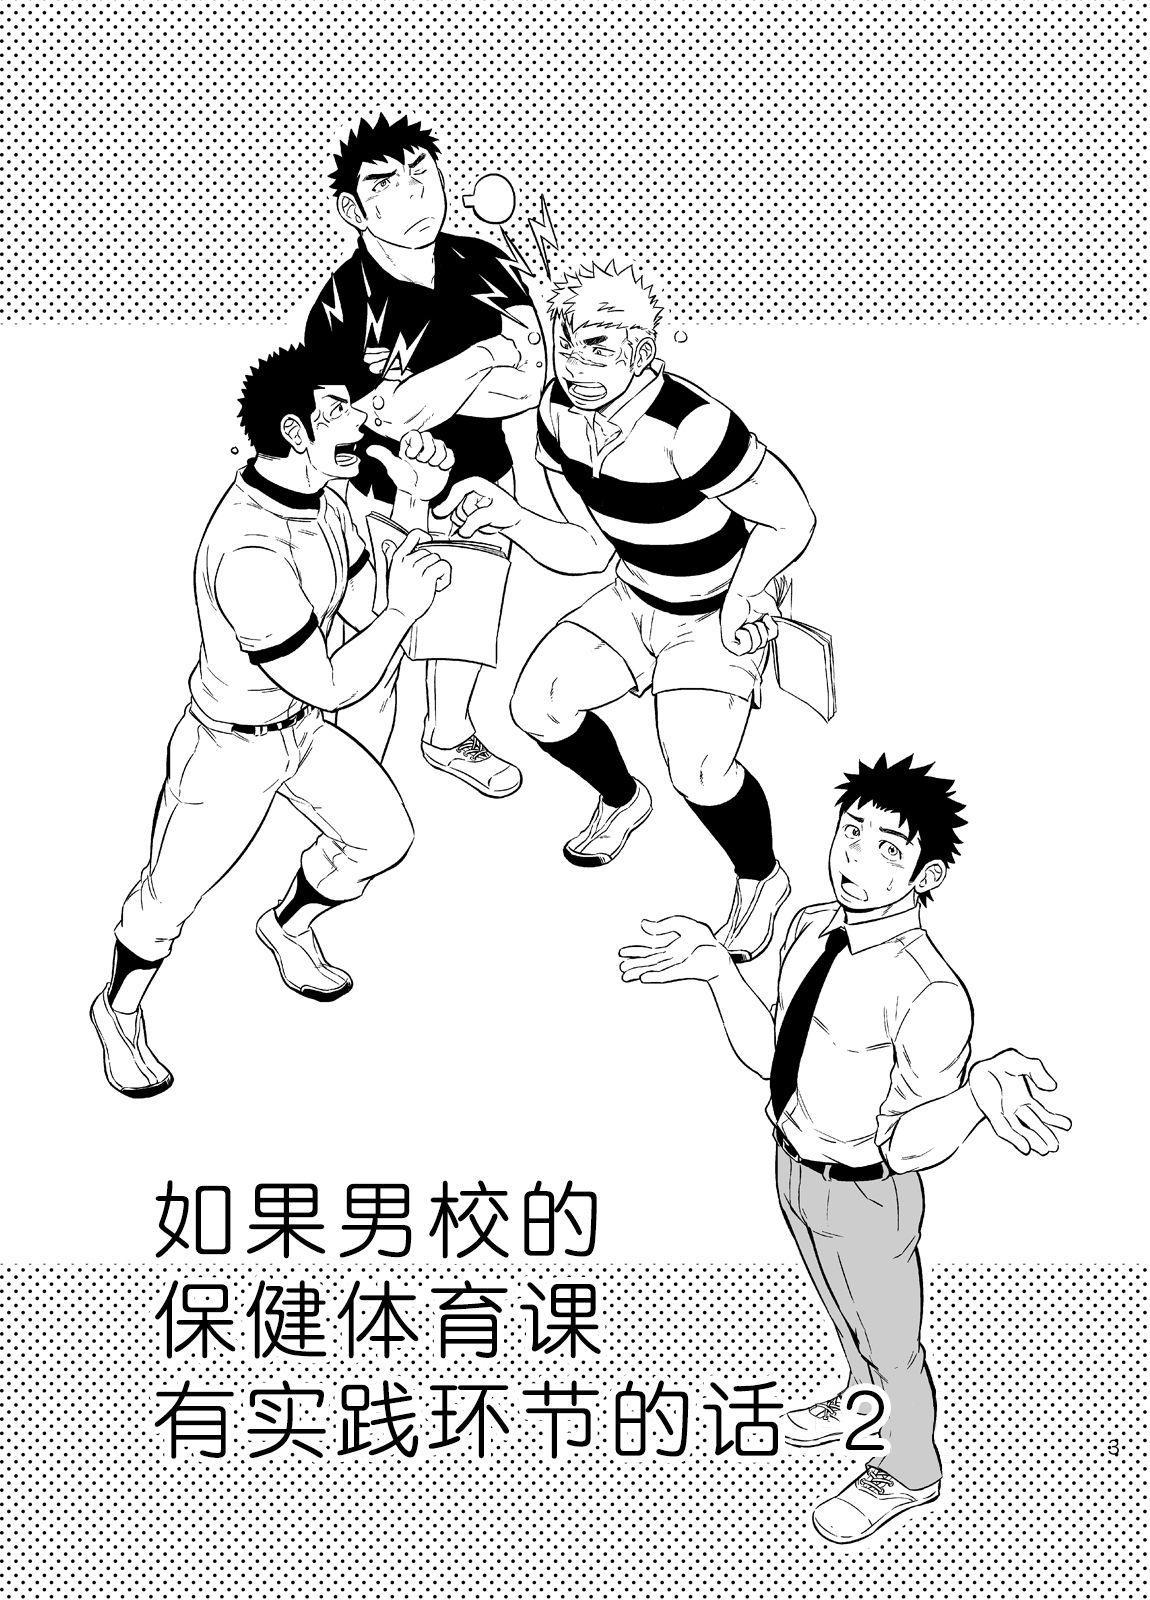 Moshimo Danshikou no Hoken Taiiku ga Jitsugi Ari Dattara 2 | 如果男校的保健体育课有实践环节的话 2 1